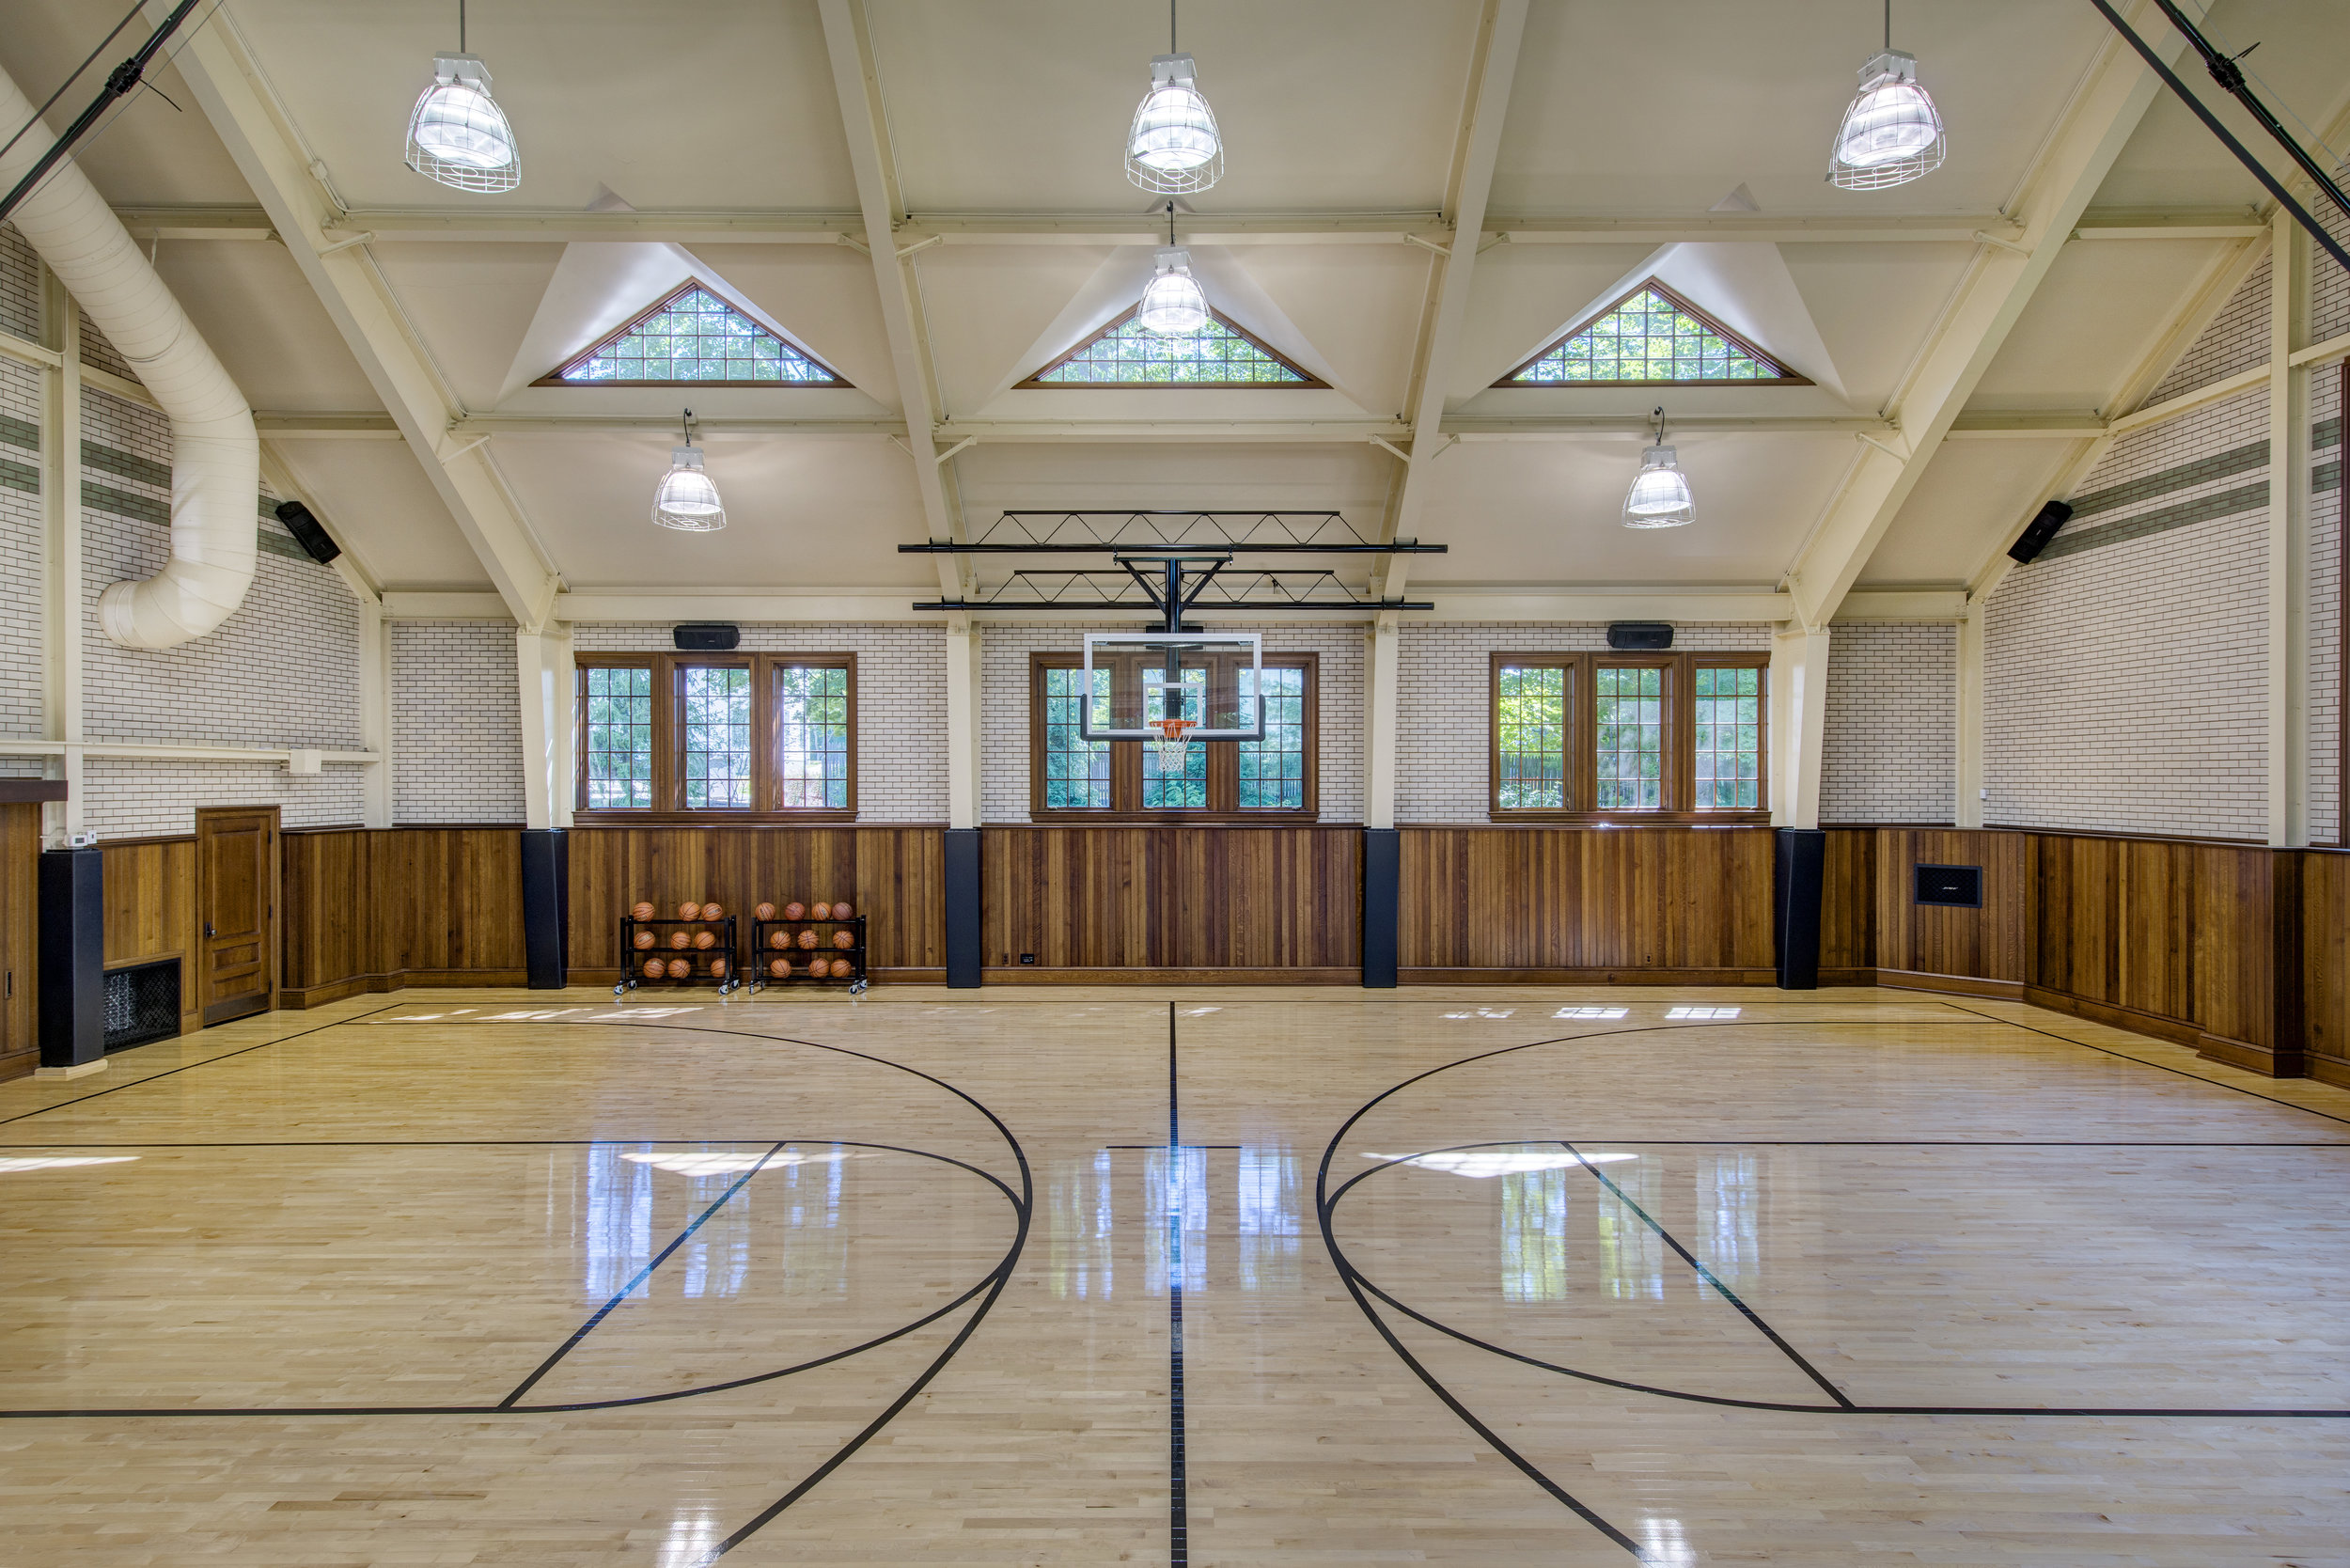 Easton Gym Int 3.jpg